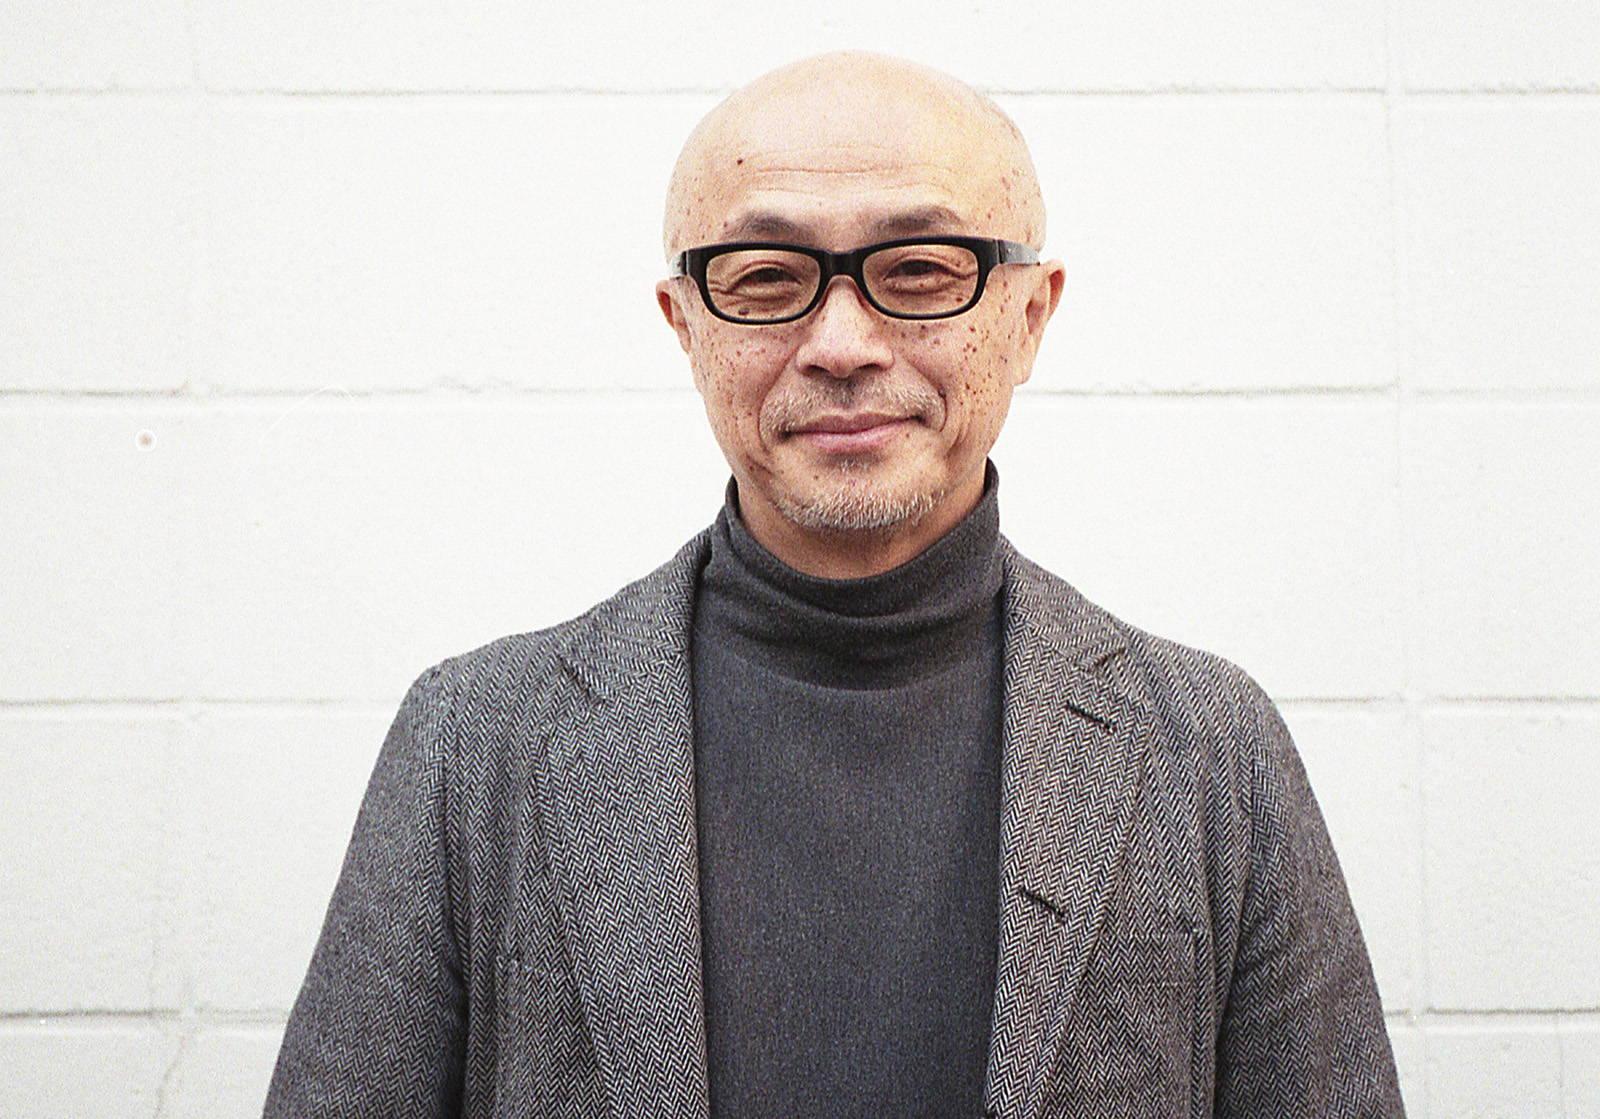 Portrait of Nanamica c0-founder Eiichiro Homma